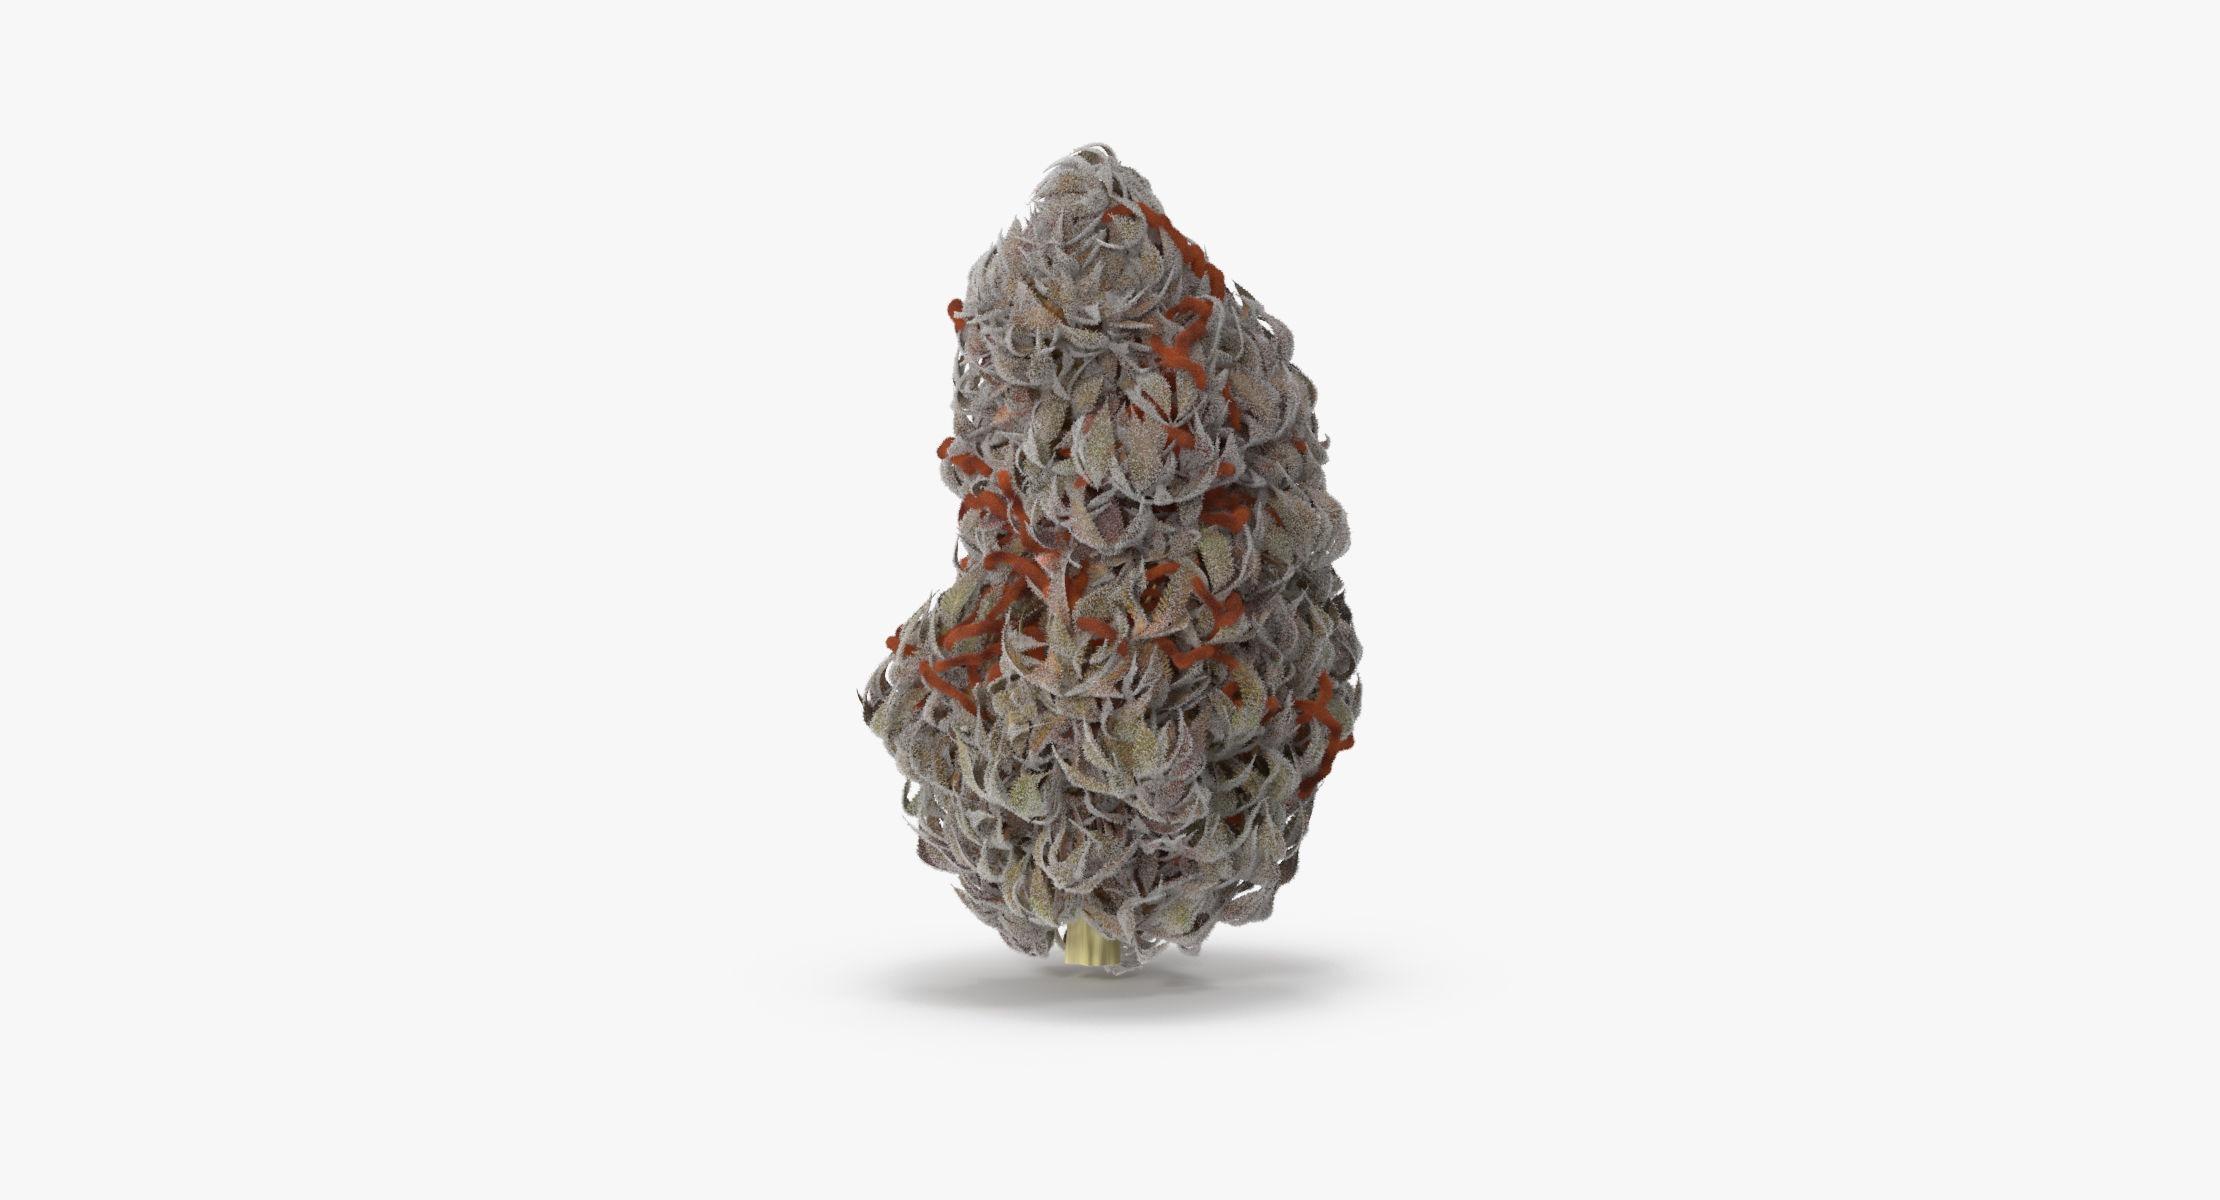 Marijuana Bud 02 02 - reel 1